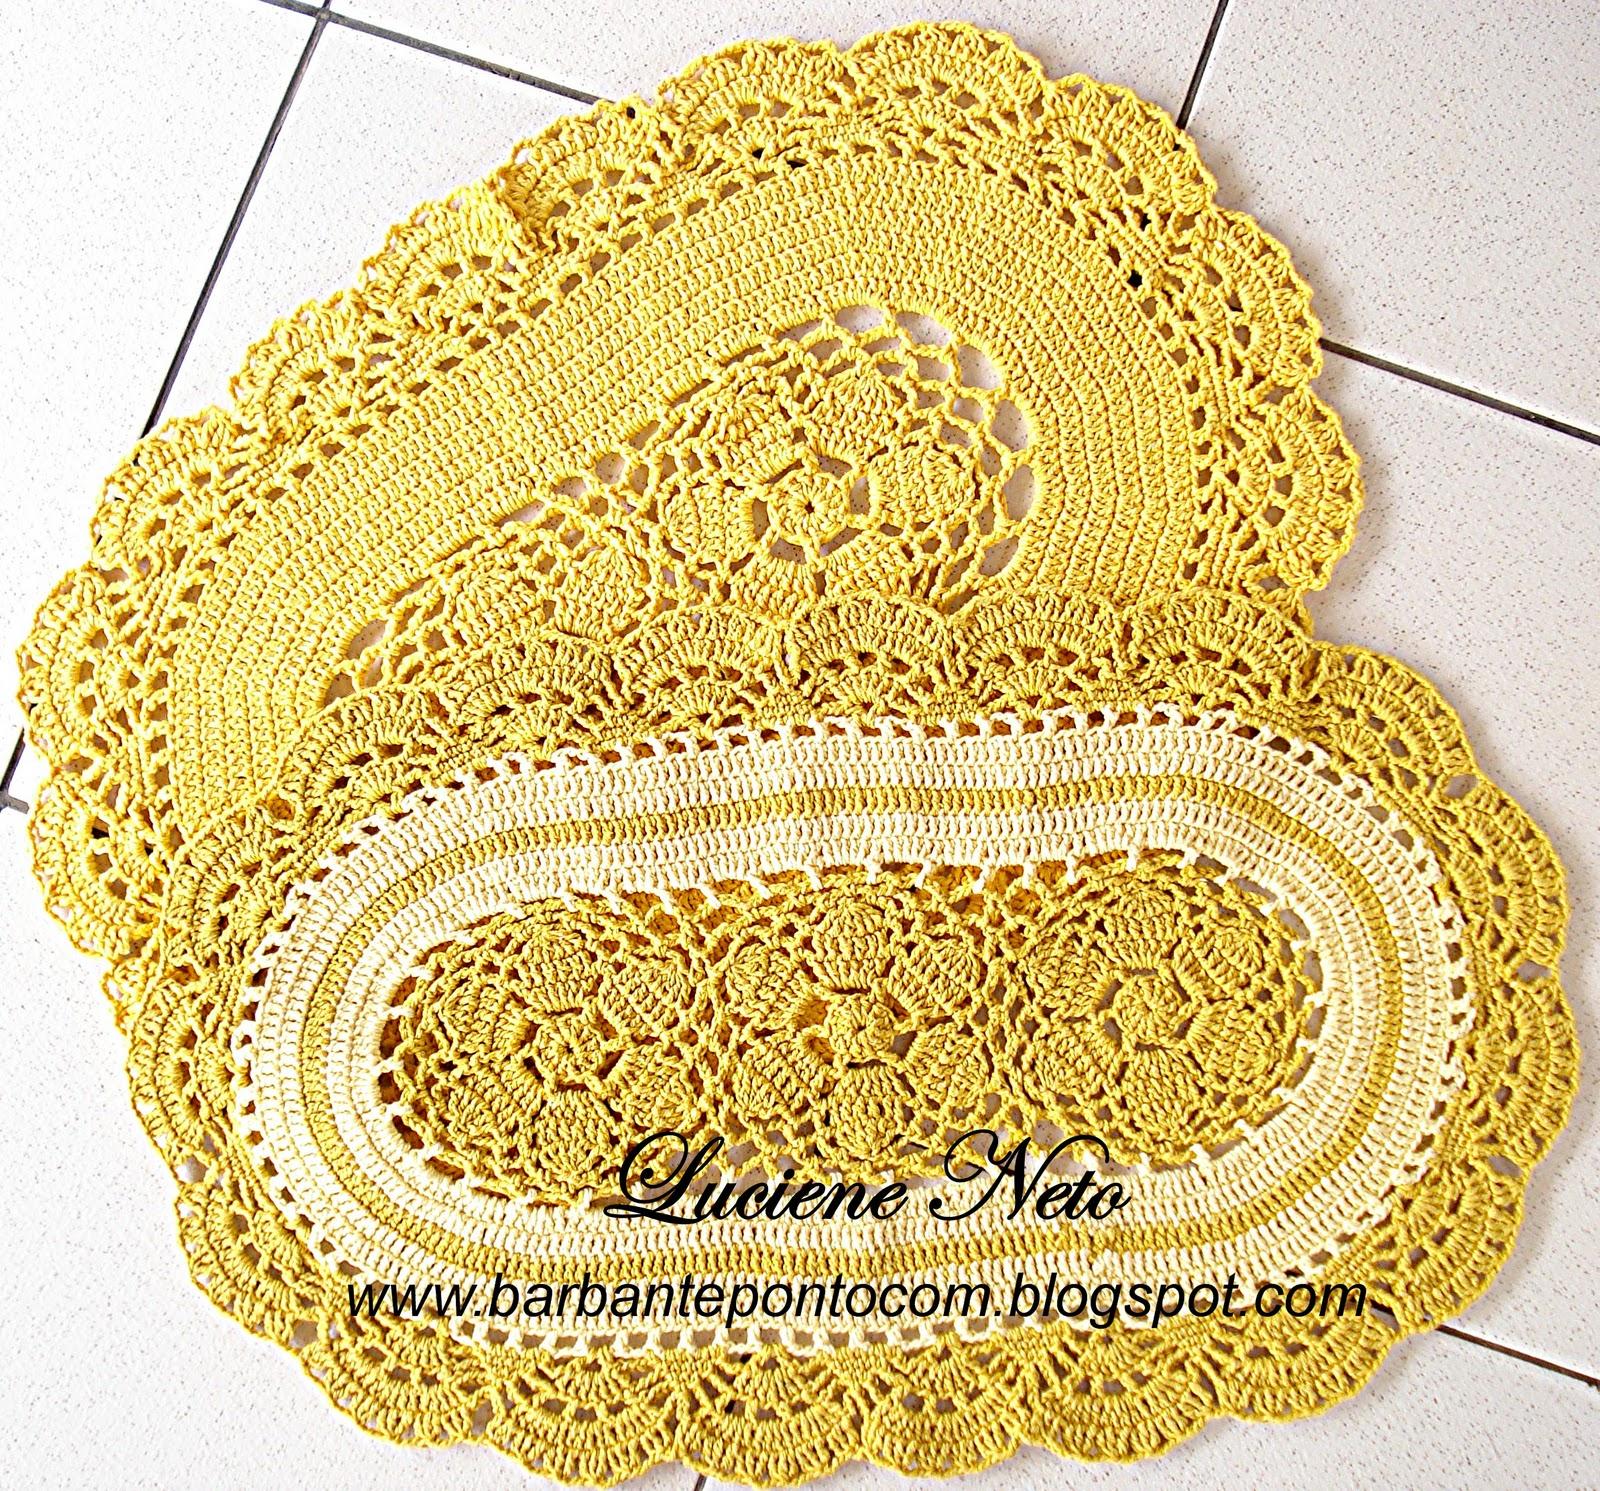 Tapete Oval Amarelo Barbante Pioneiro barbantepontocom #7E3C0F 1600 1491